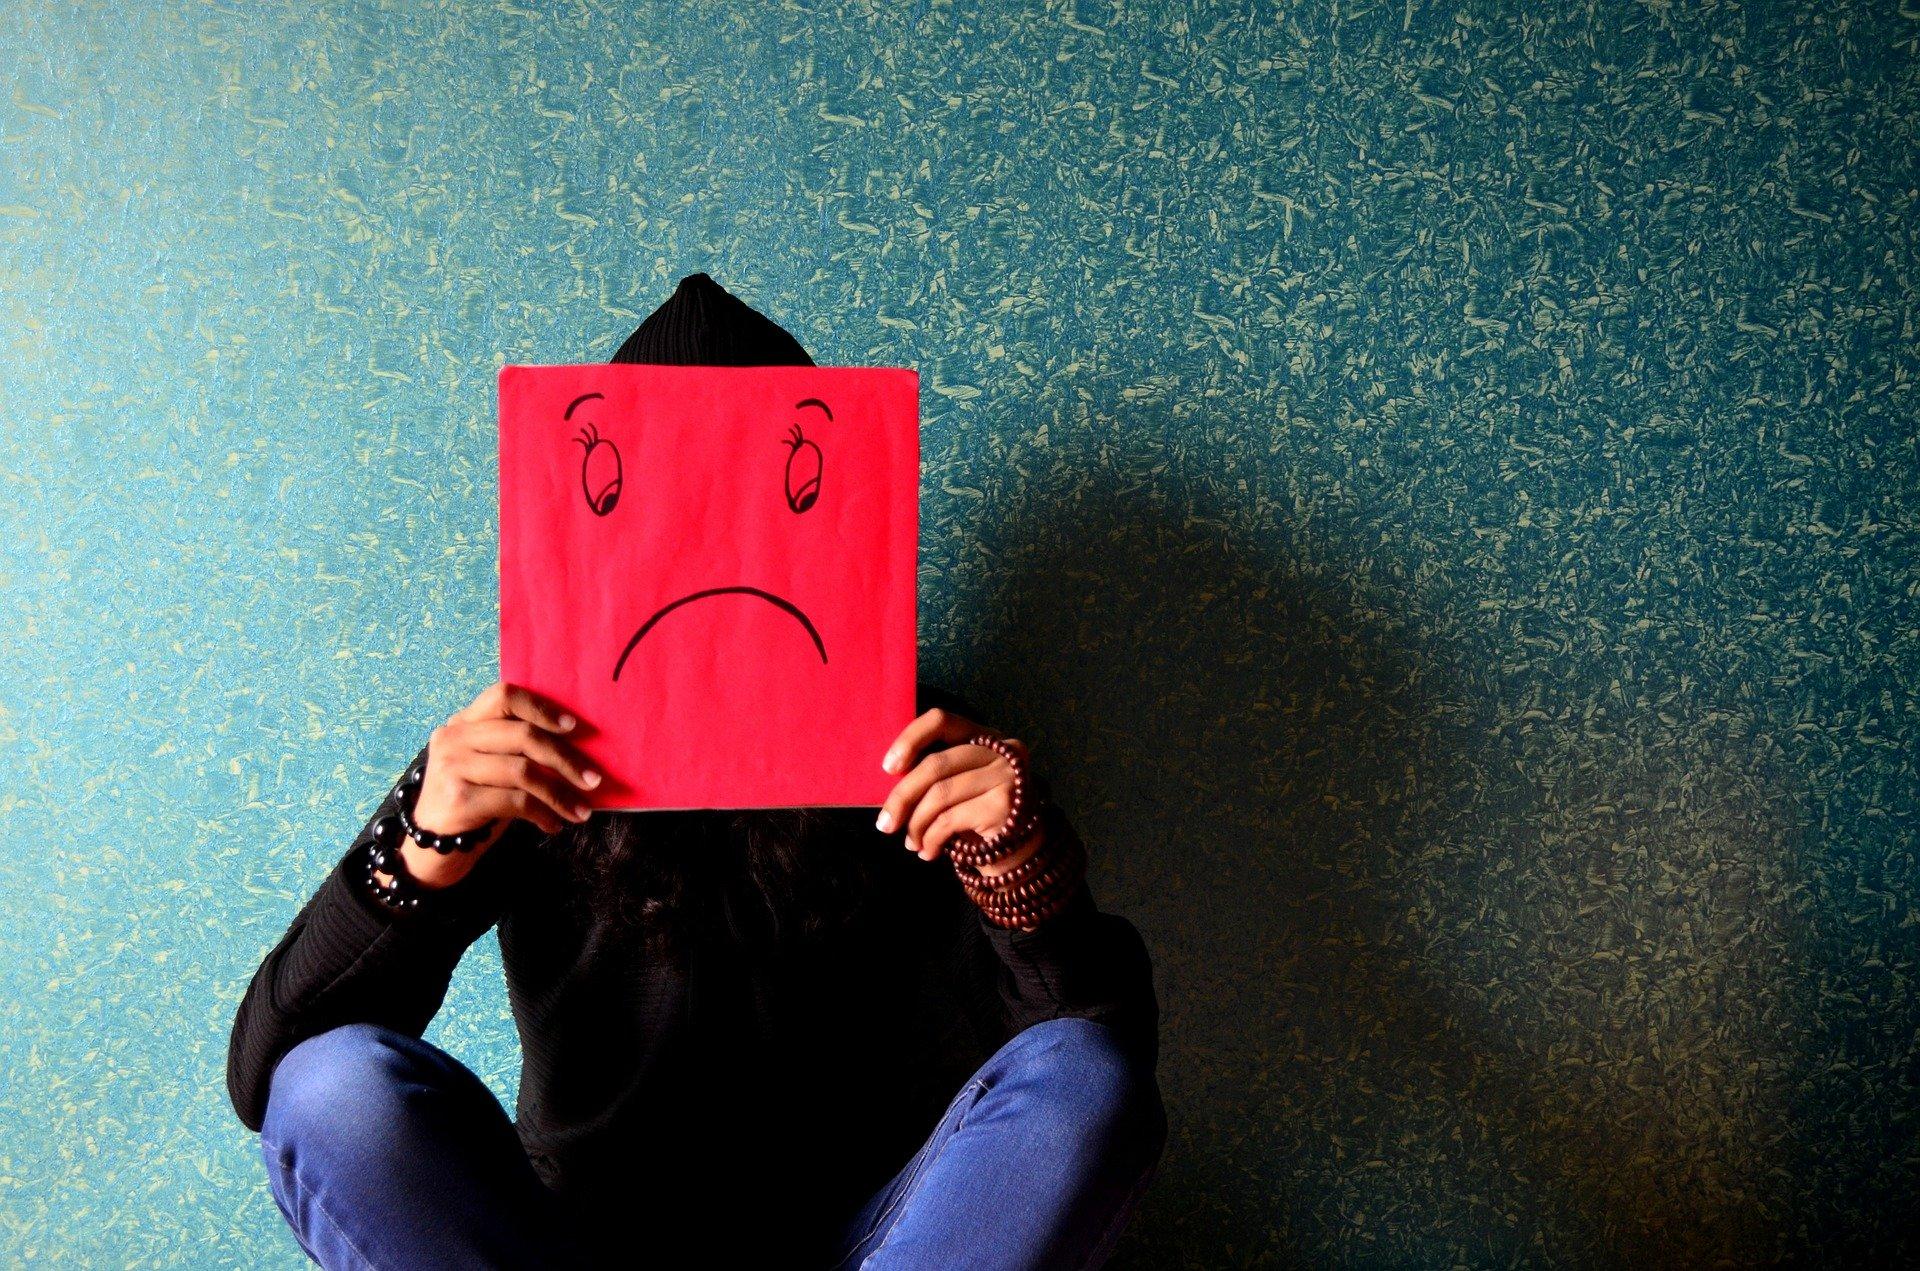 ¿Qué es la depresión?: Síntomas, consecuencias y tratamiento